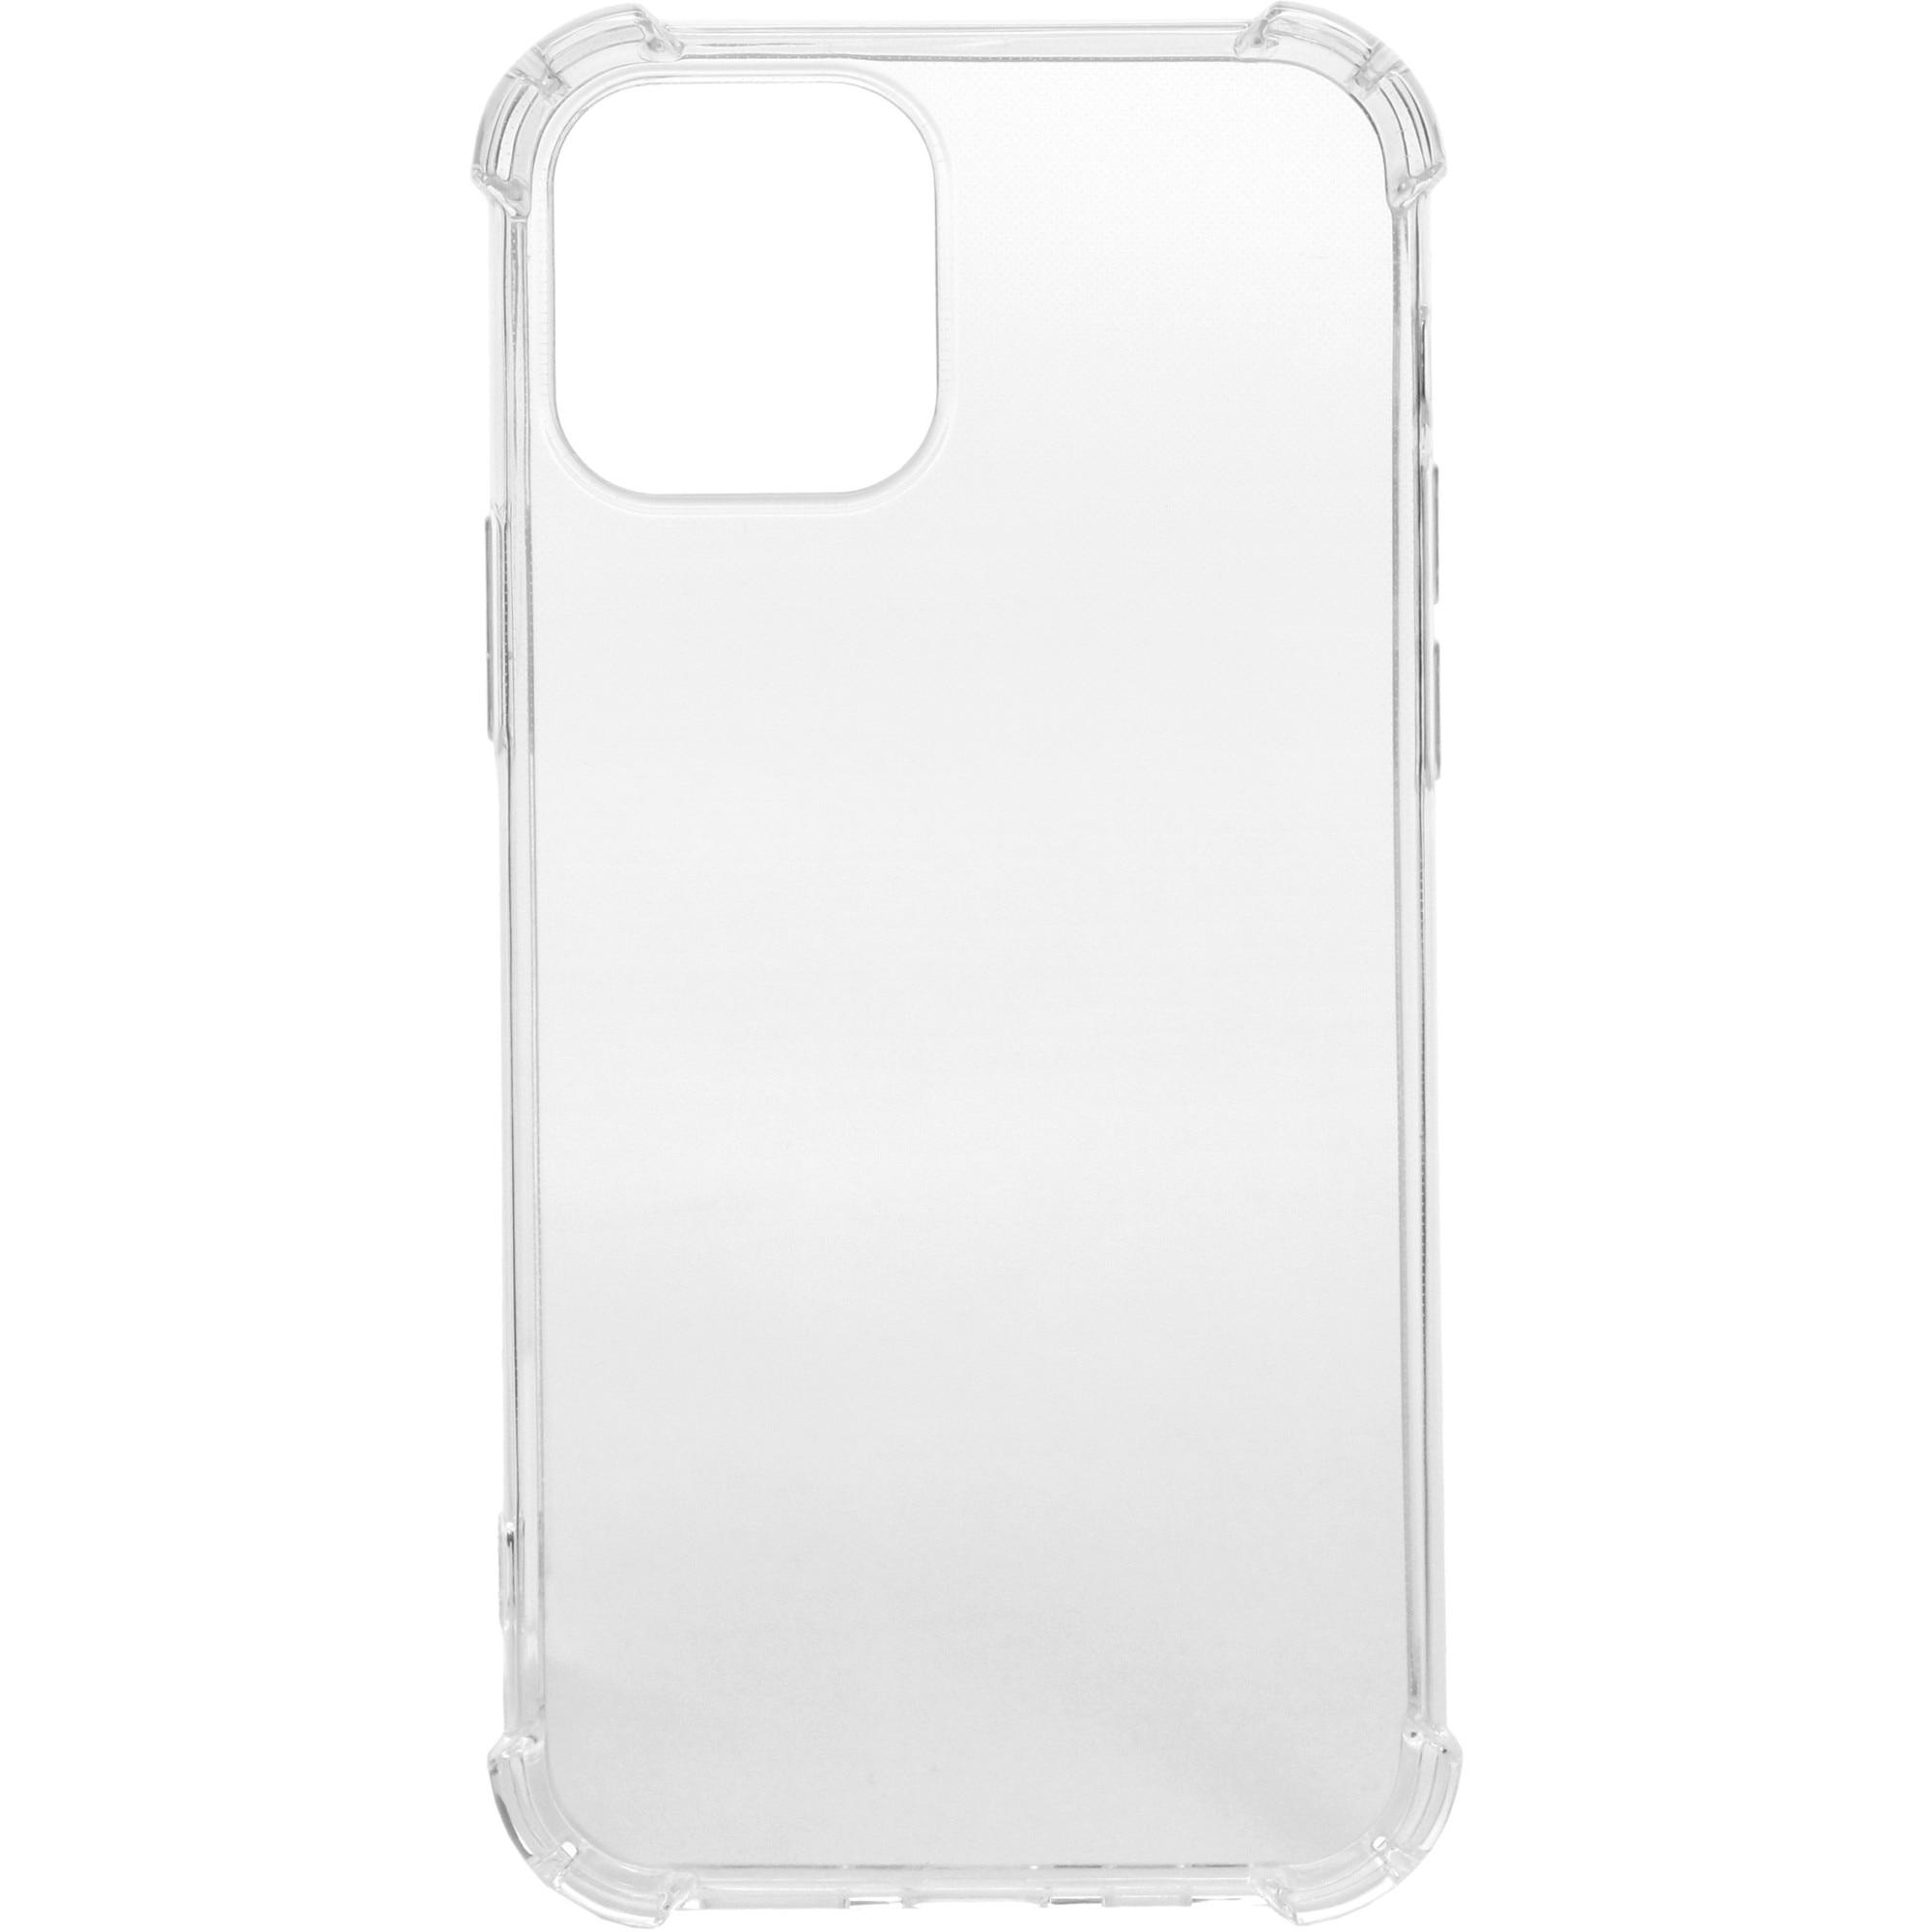 Fotografie Husa de protectie A+ Case Clear pentru iPhone 12 Mini